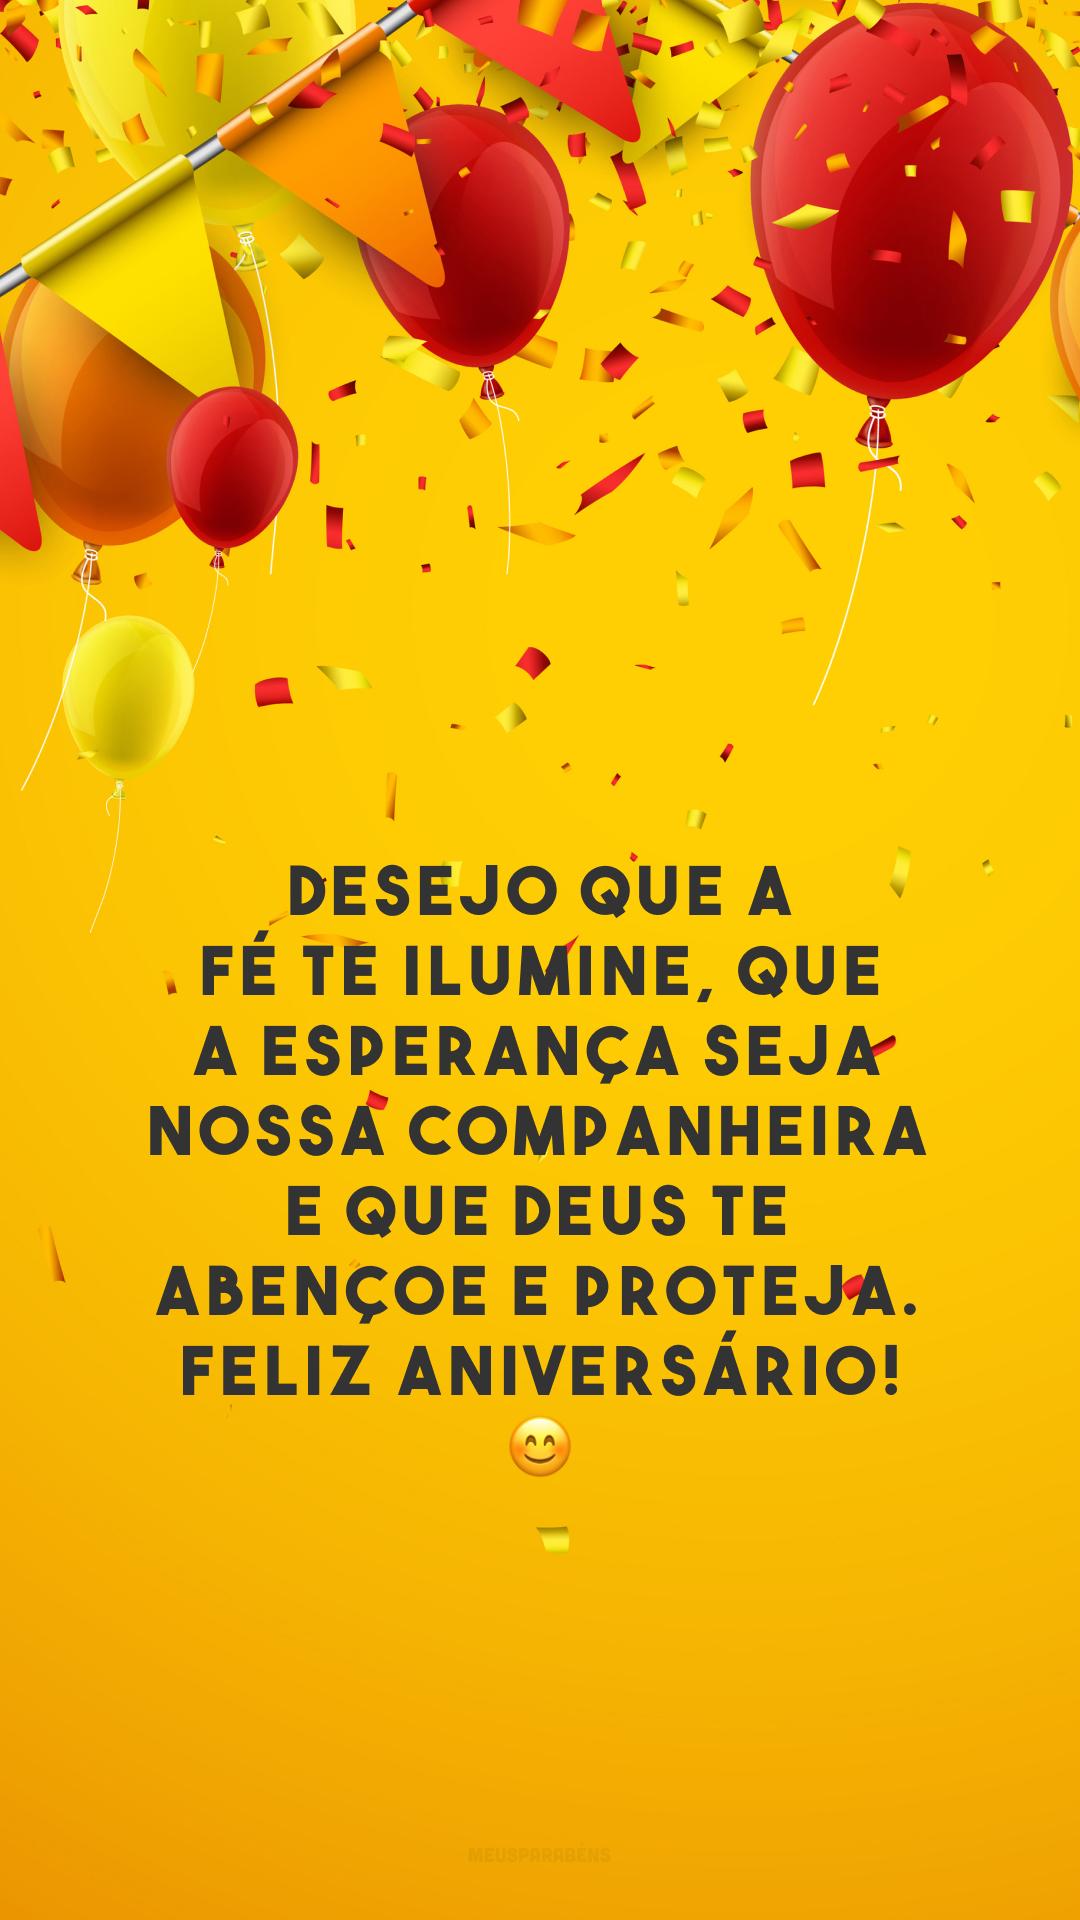 Desejo que a fé te ilumine, que a esperança seja nossa companheira e que Deus te abençoe e proteja. Feliz aniversário! 😊